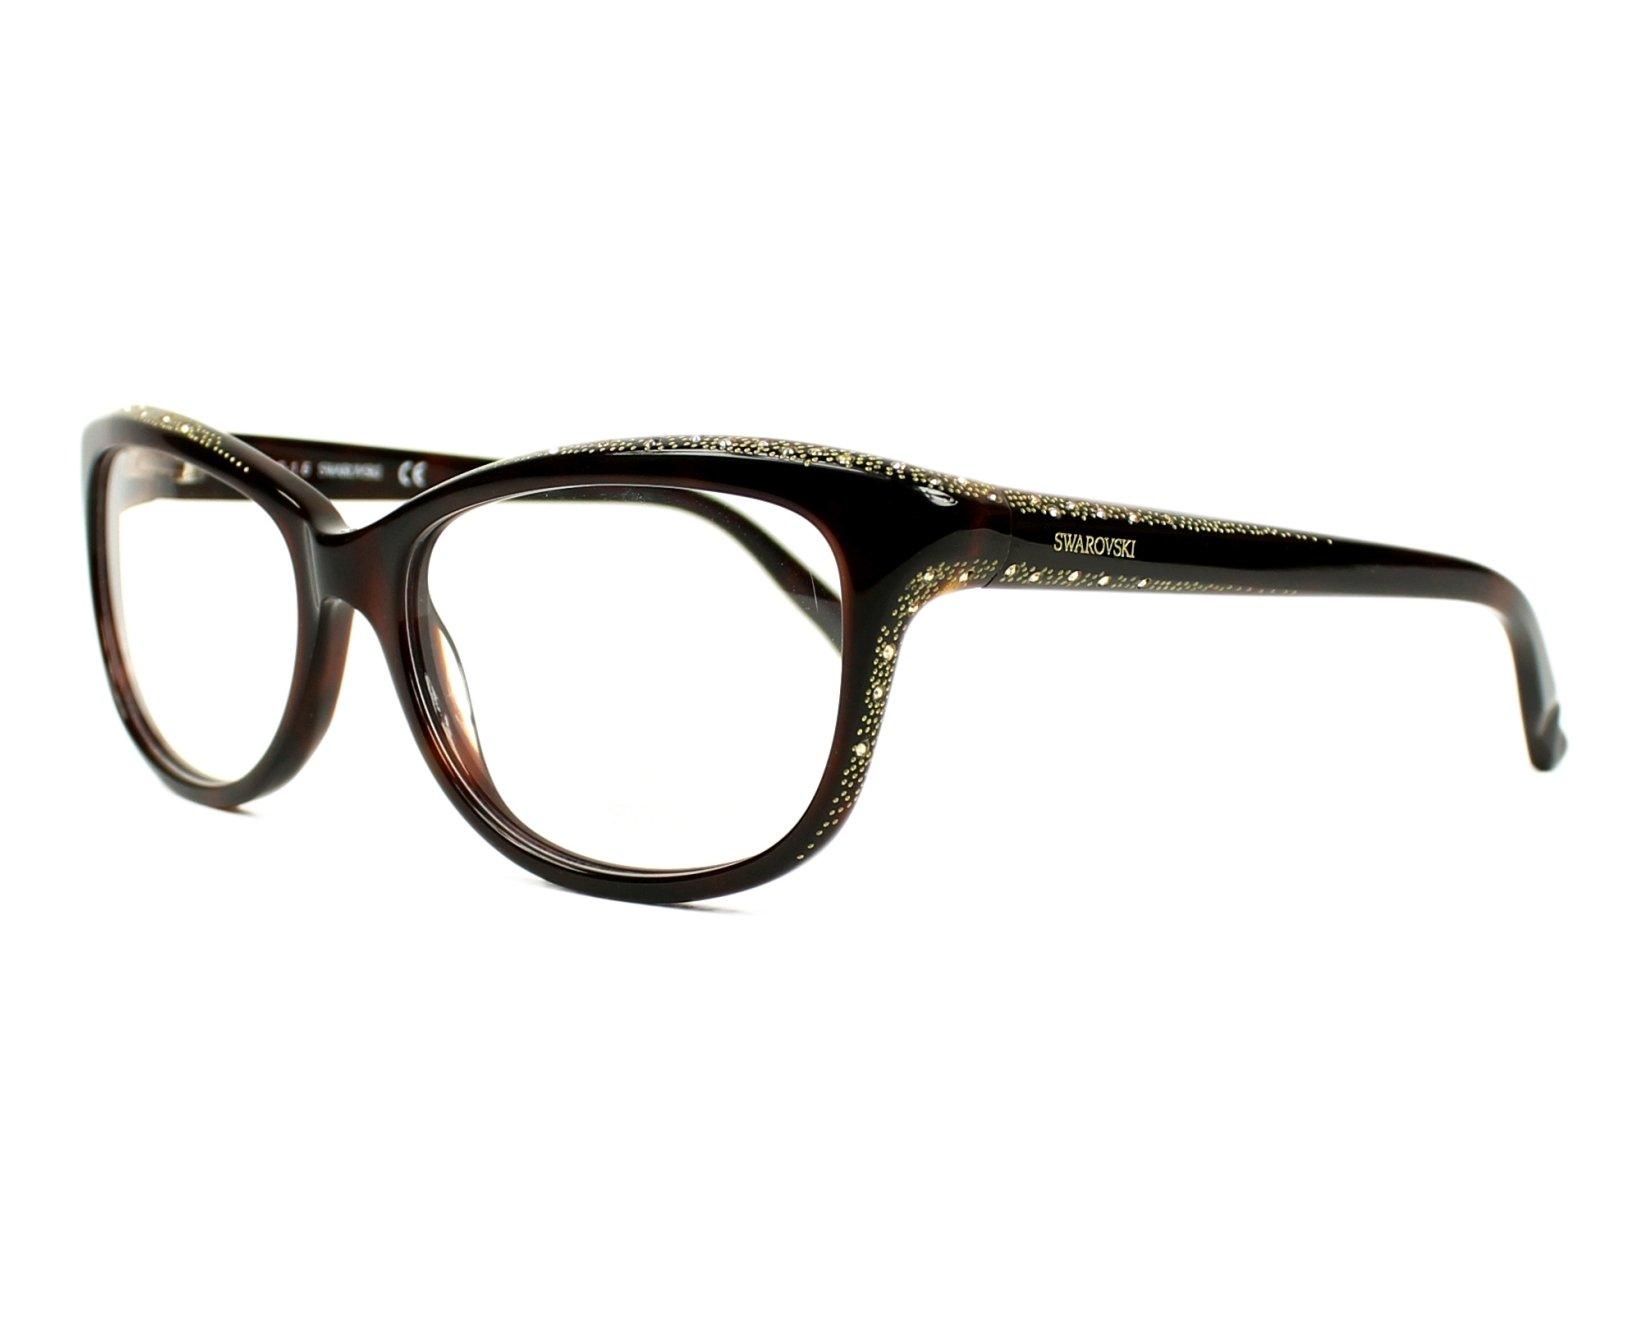 d270235585 eyeglasses Swarovski SW-5100 052 - Havana Gold profile view